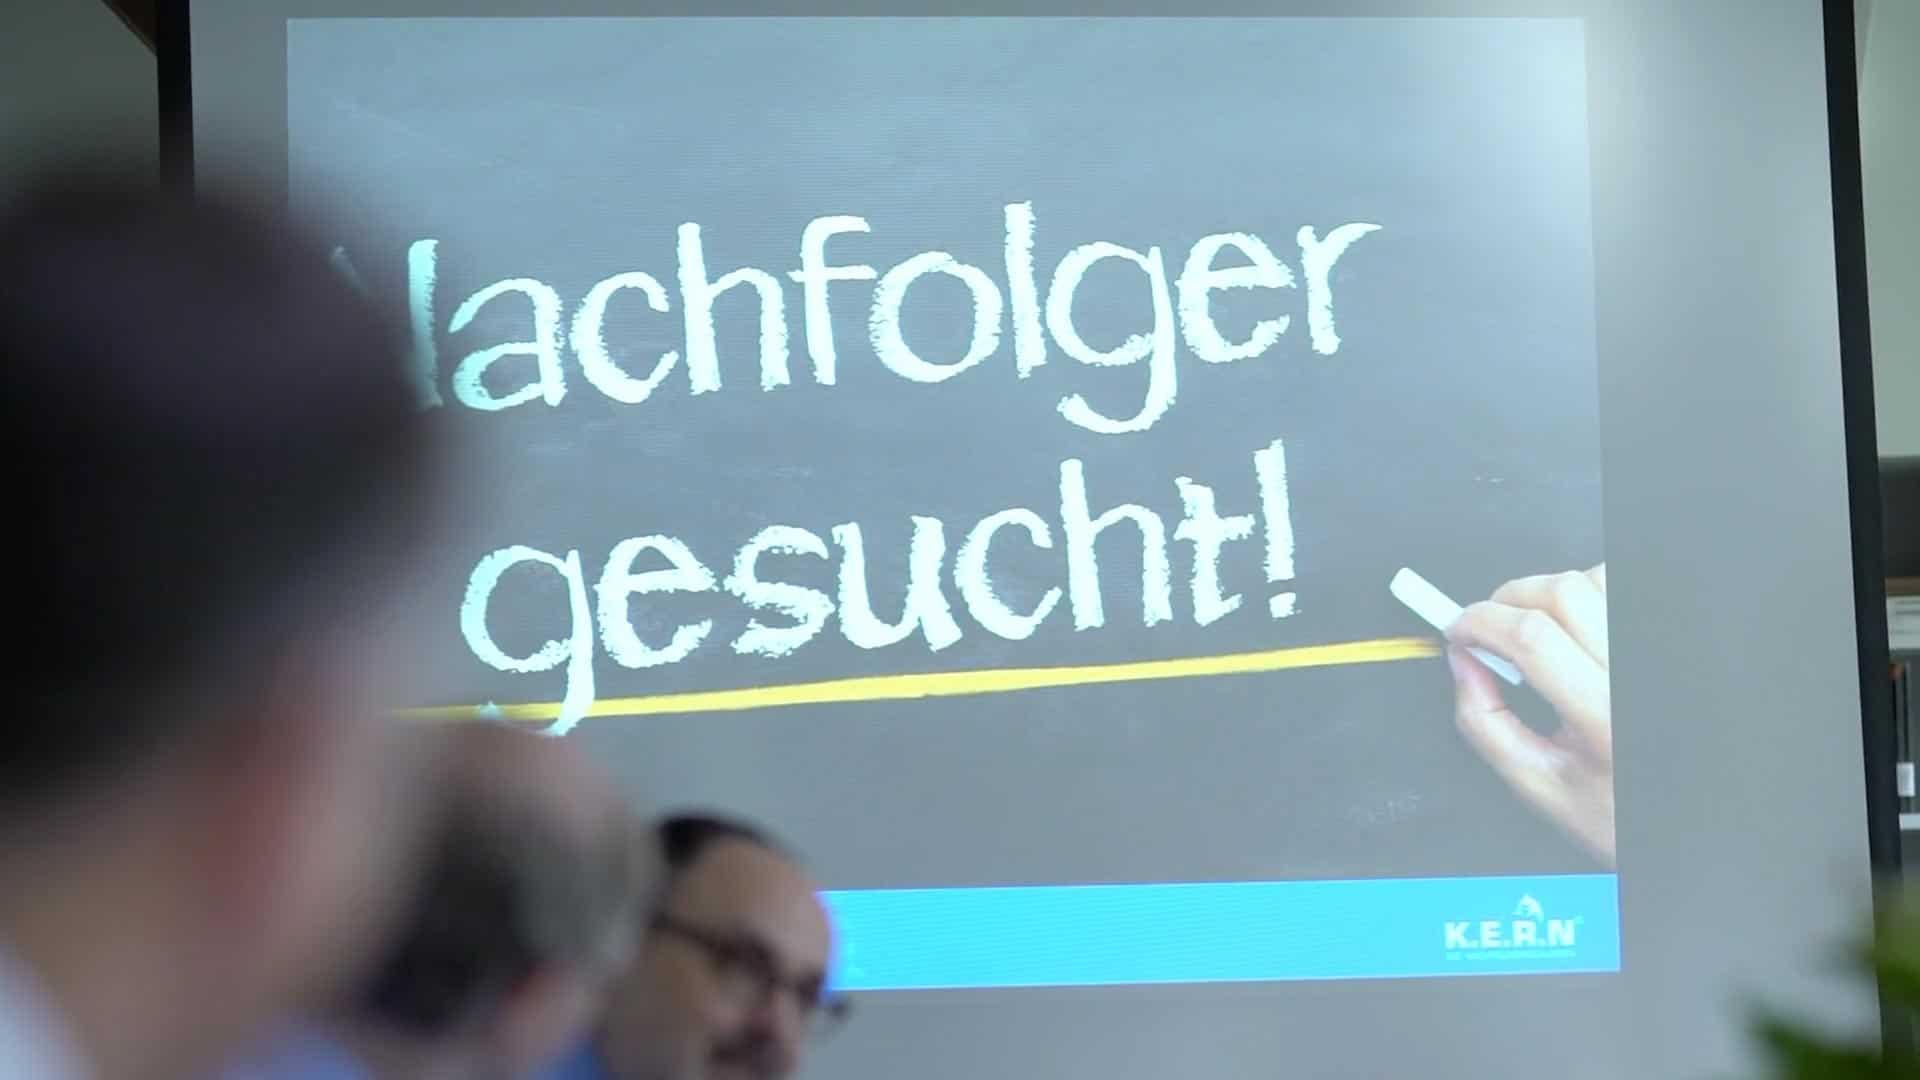 """Specjaliści KERN w sali konferencyjnej, przed ekranem z napisem """"Poszukiwany następca"""